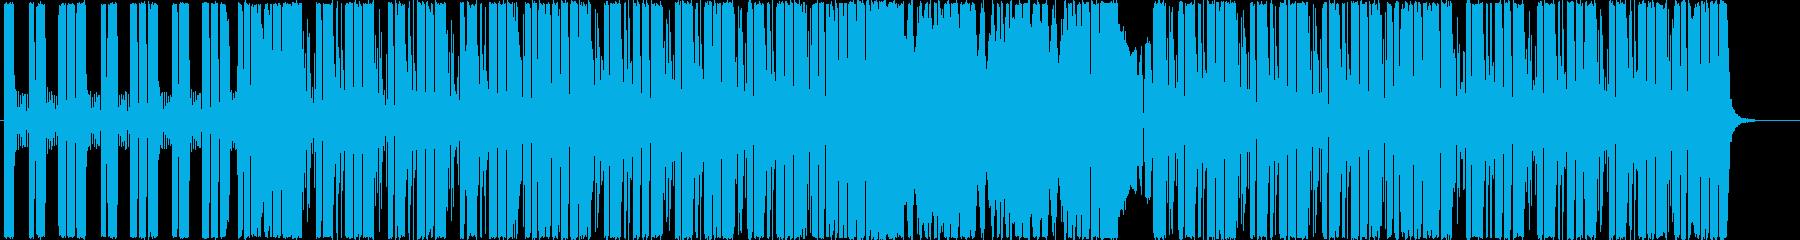 医療用精密機器など専門分野の企業VP楽曲の再生済みの波形